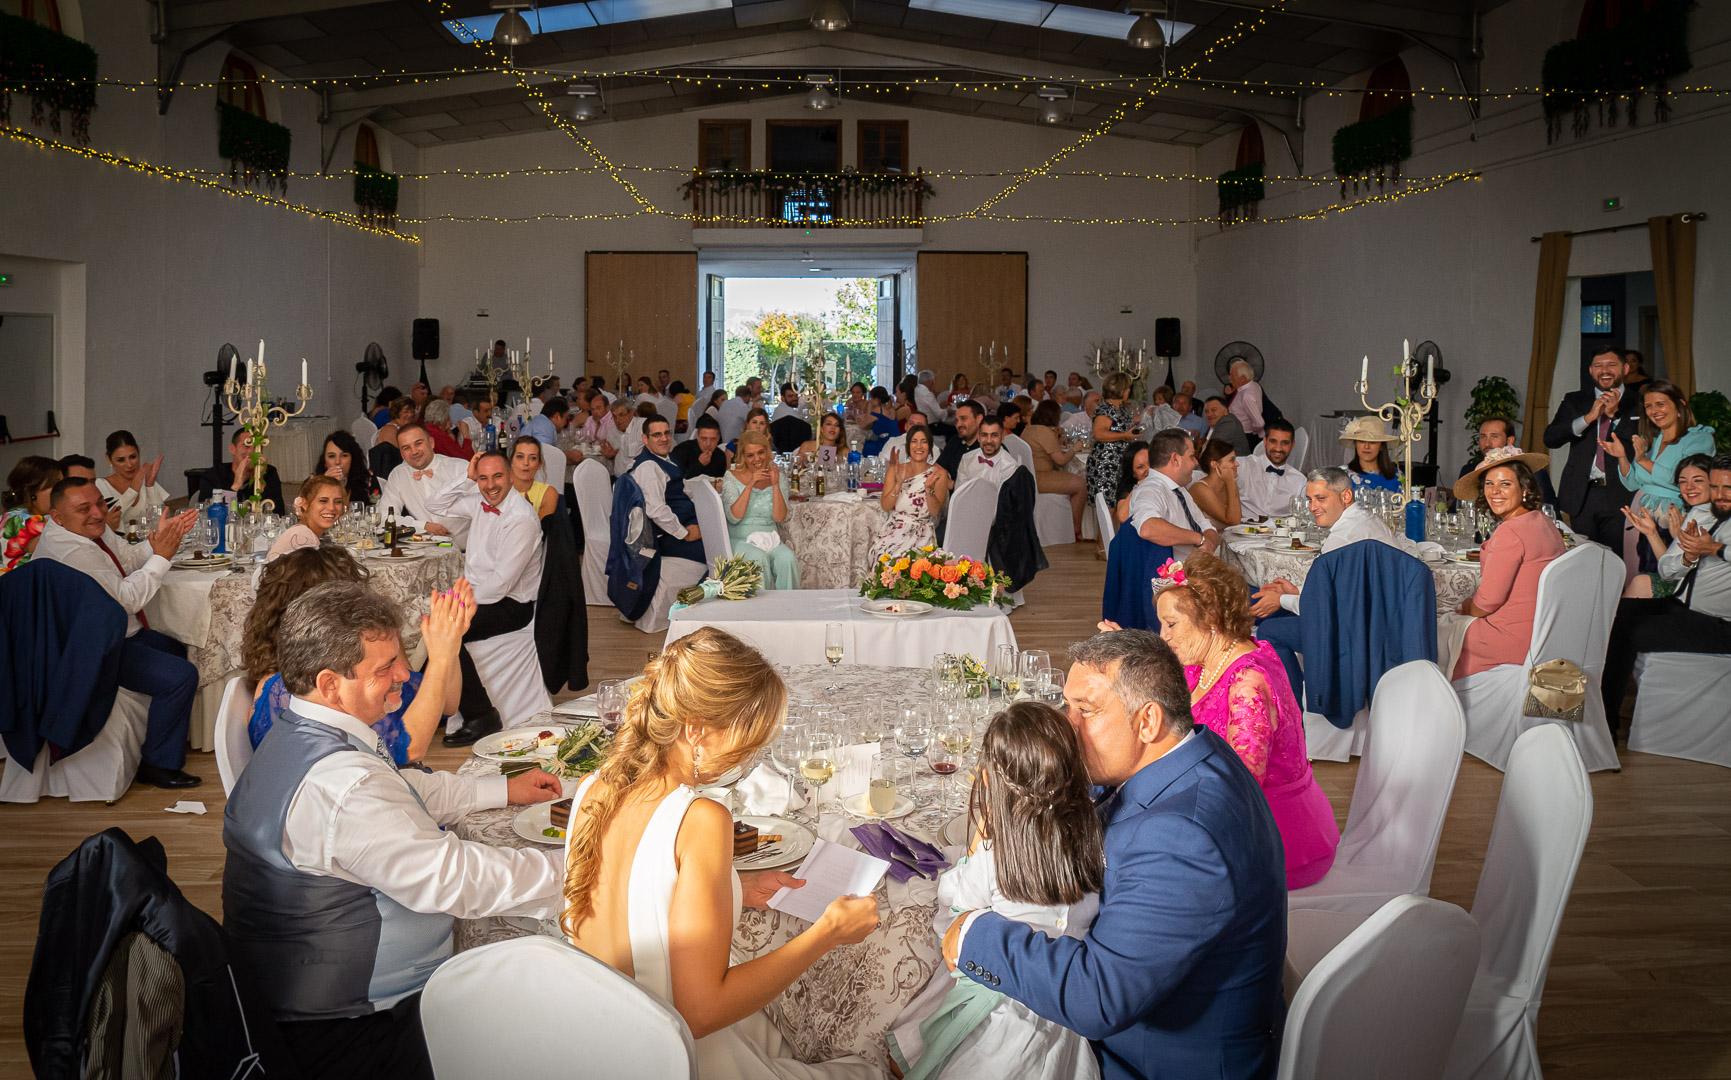 fotografía de bodas madrid isolvaro